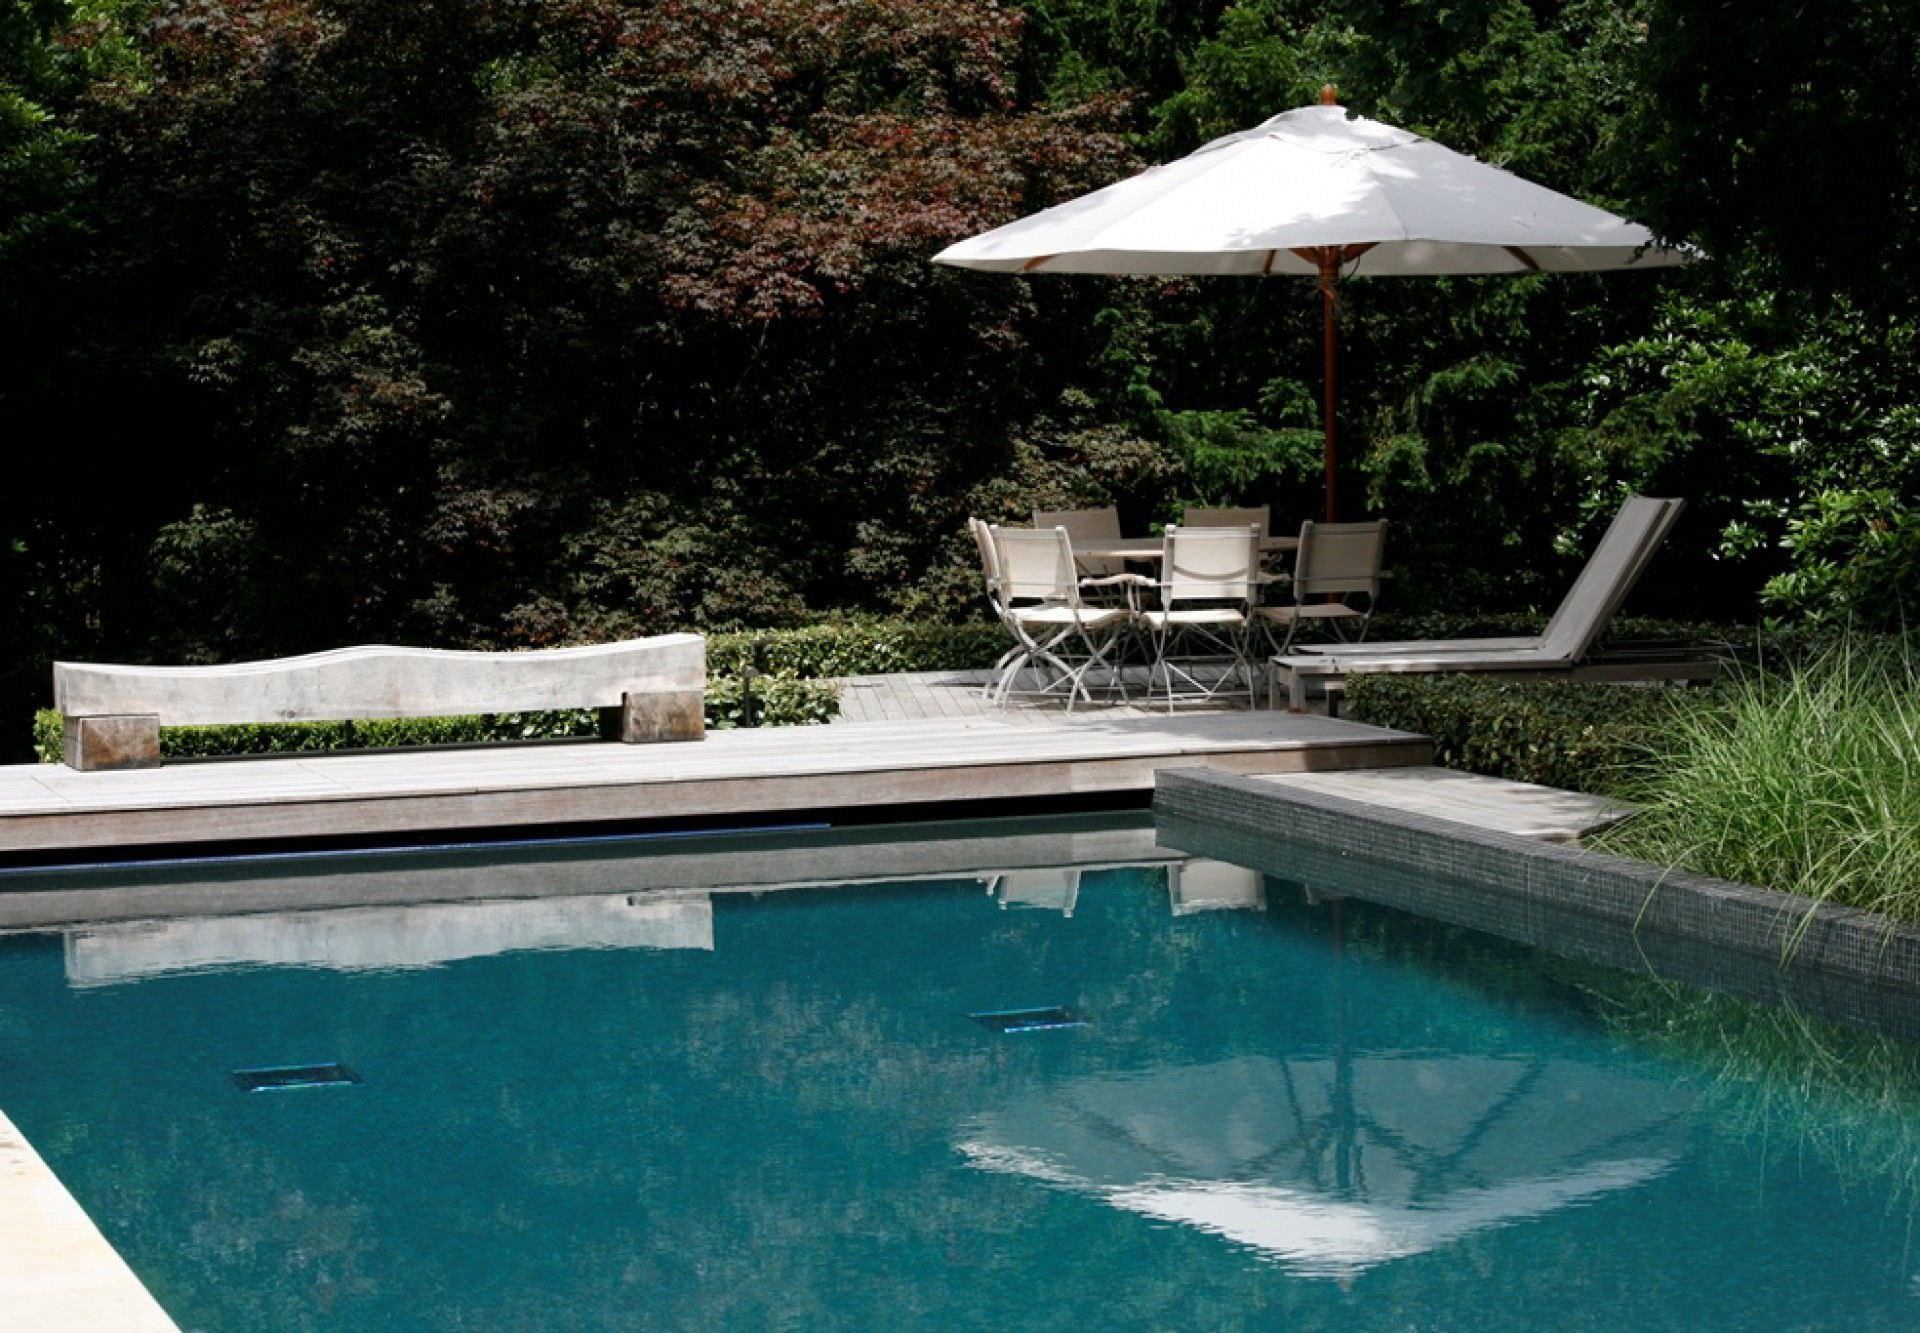 Erdverlegtes Schwimmbecken / Beton / Natur / Außenbereich - SURREY ...